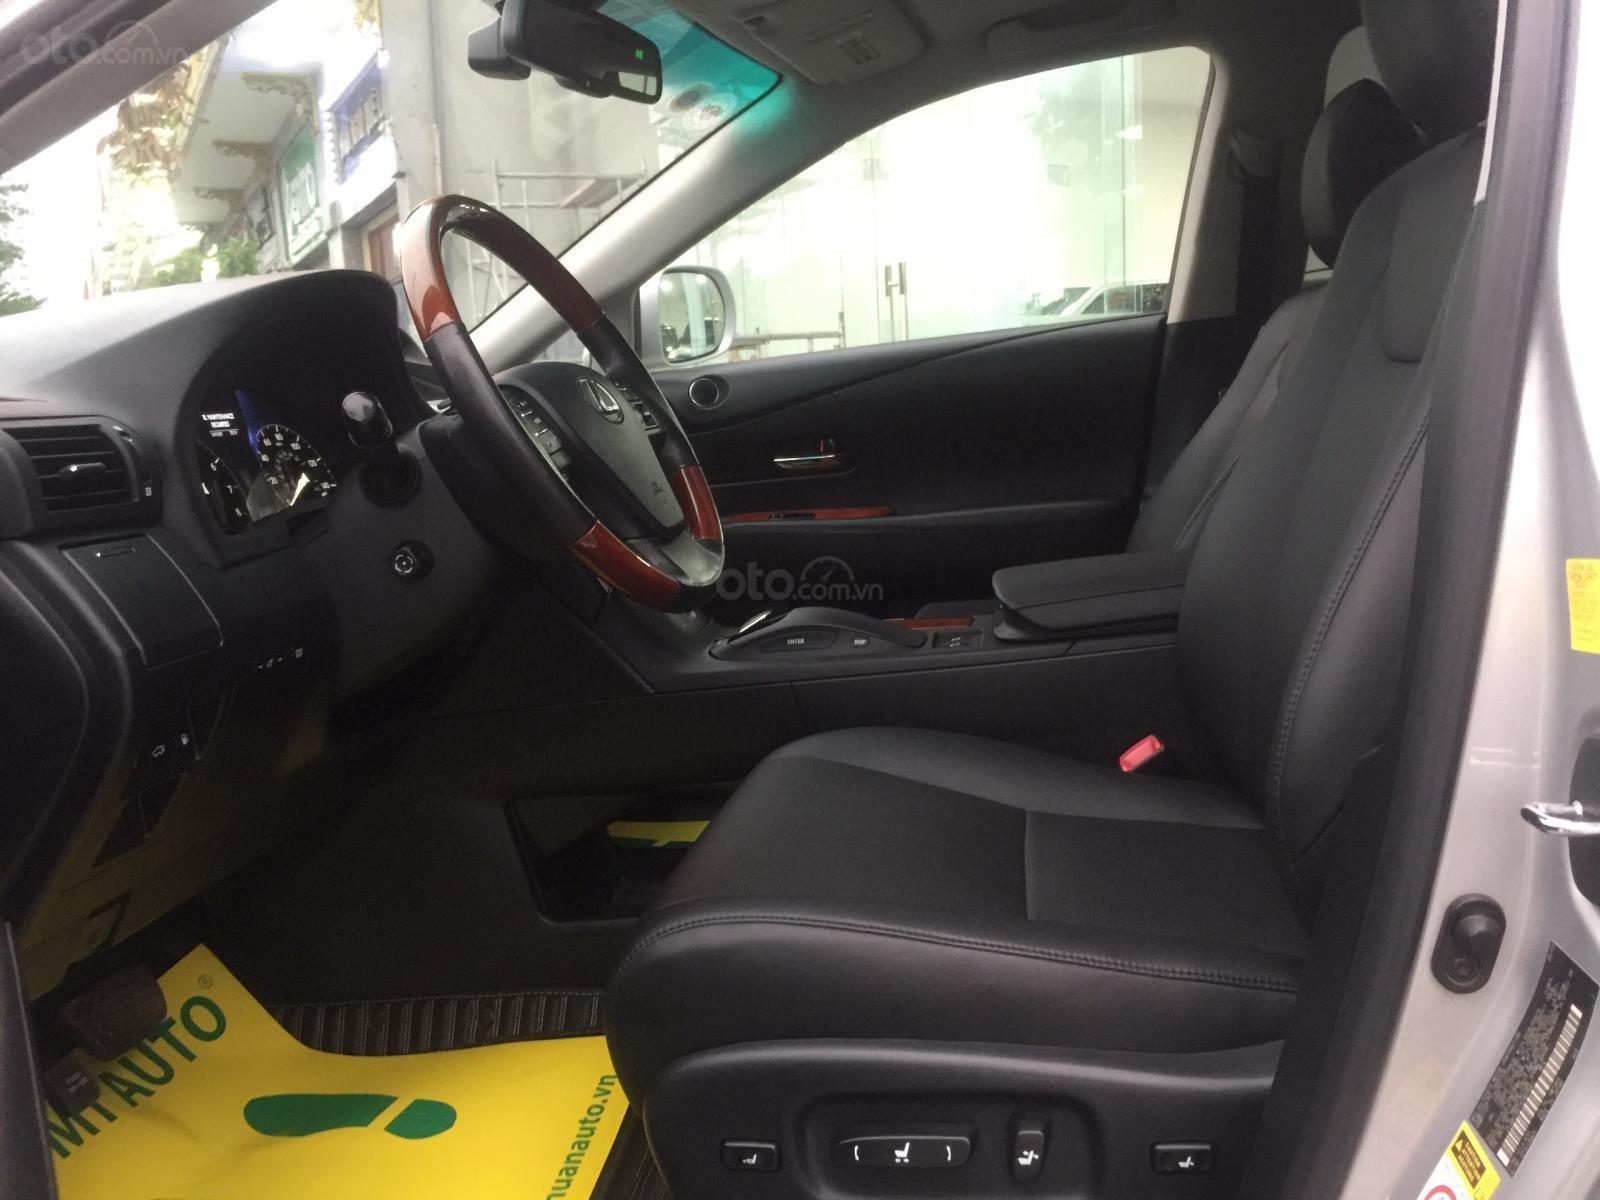 MT Auto bán Lexus RX 350 đời 2012, màu xám (ghi), nhập khẩu nguyên chiếc, LH e Hương 0945392468-13